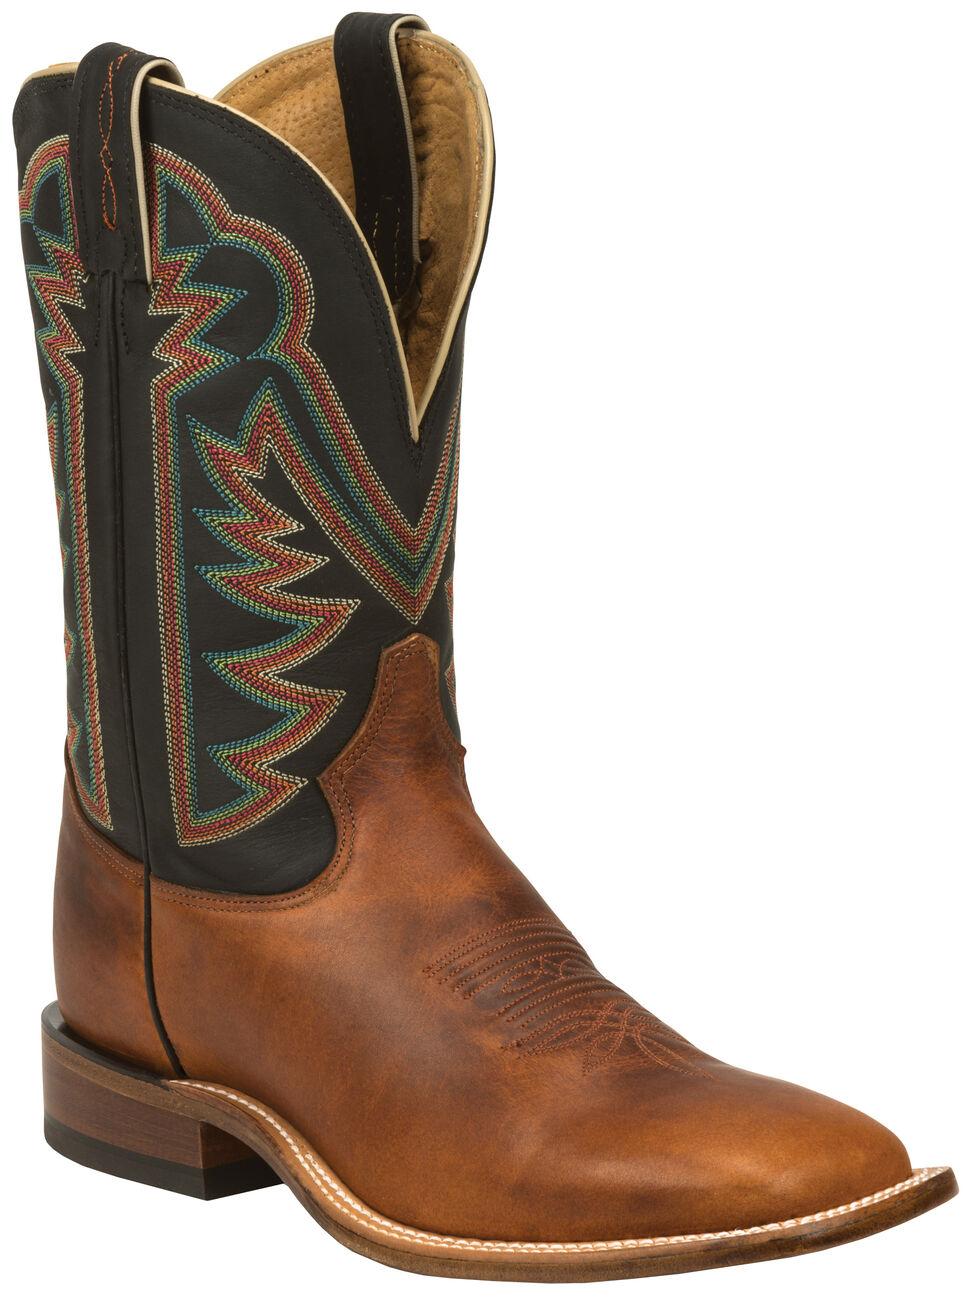 Tony Lama Tan Faded Ranch Cowboy Boots - Square Toe , Tan, hi-res